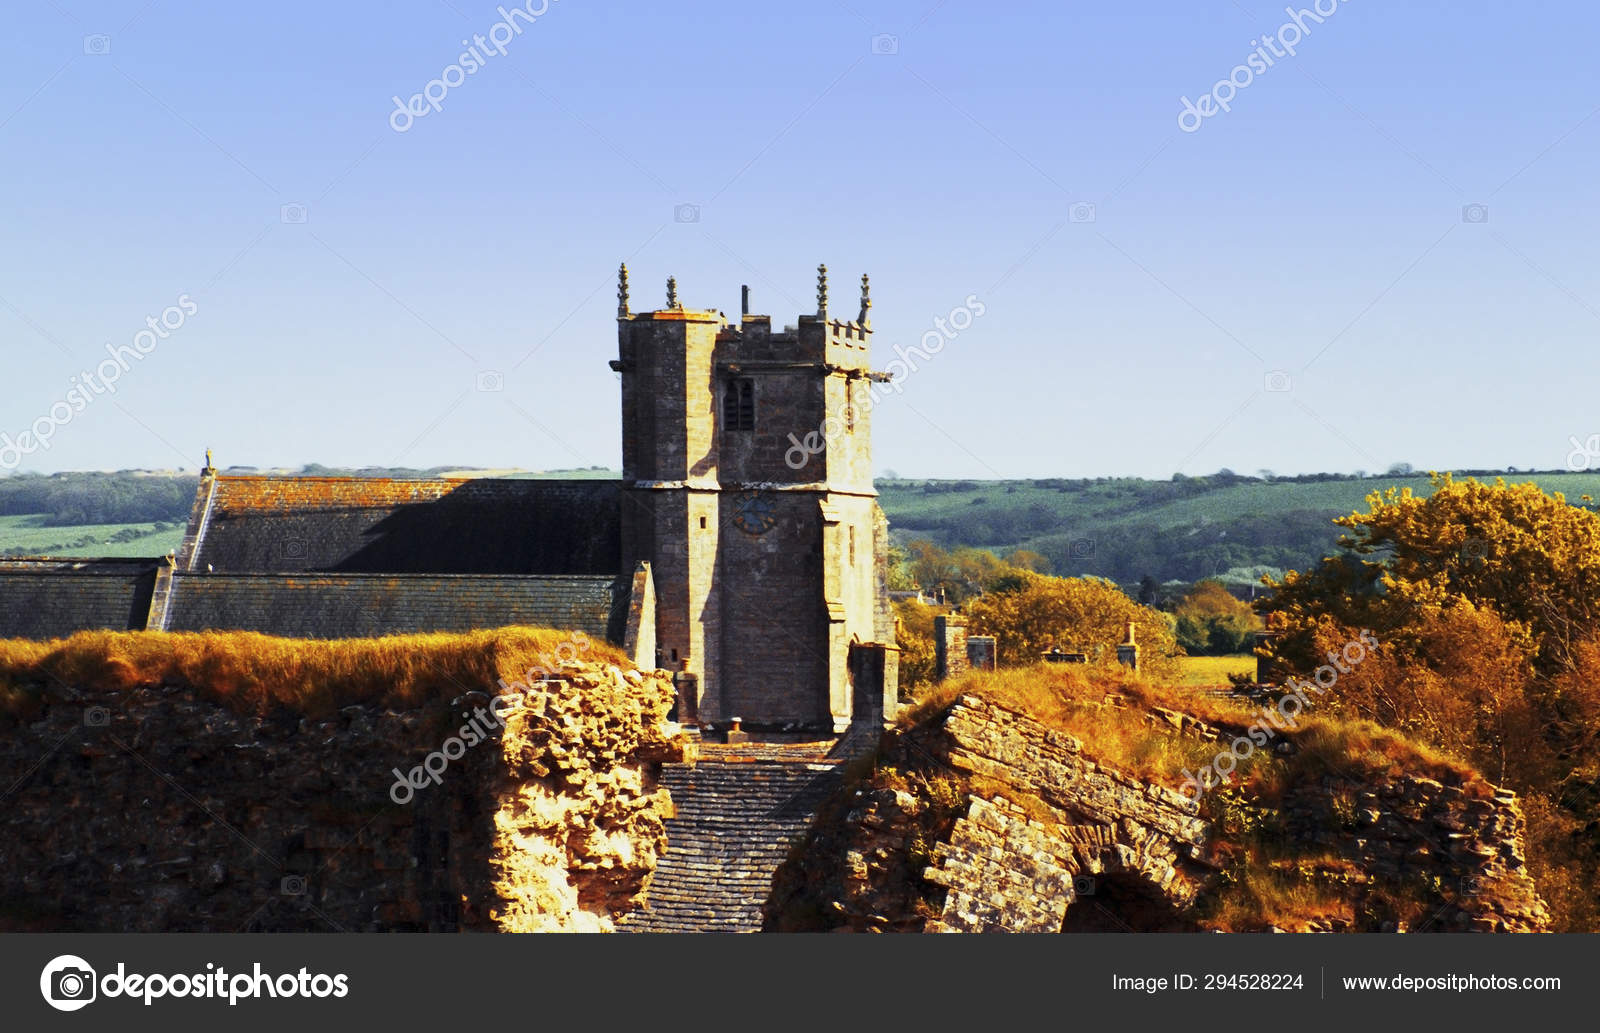 Dorset england uk